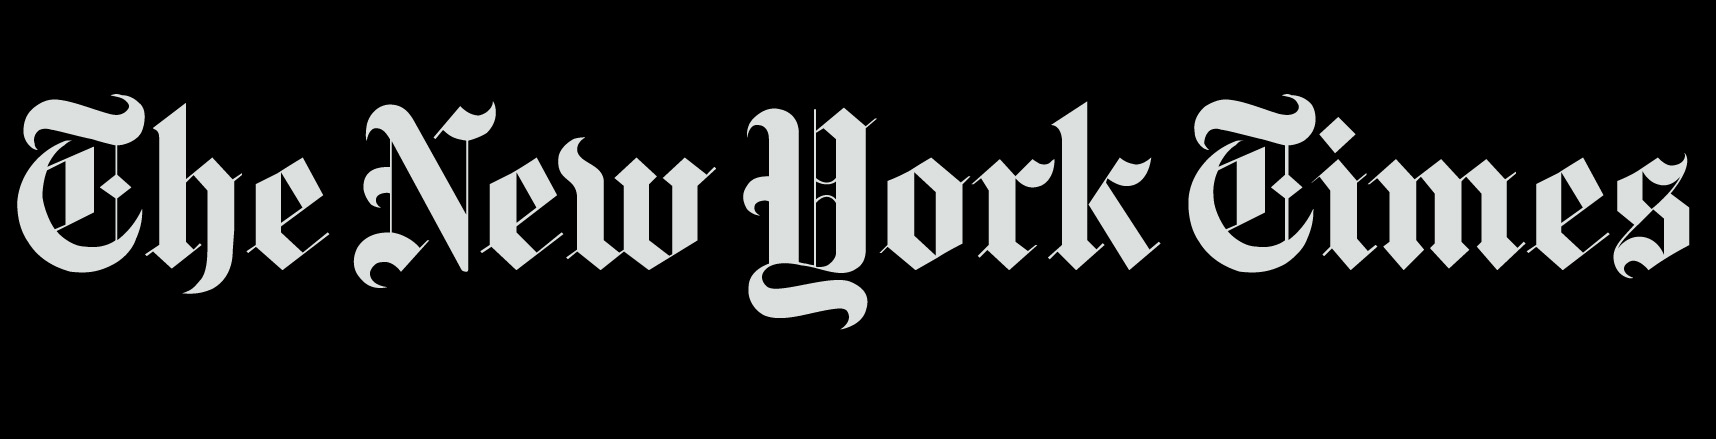 The New York Times 1a logo LLLLLLLLLLLLLLLLLLL